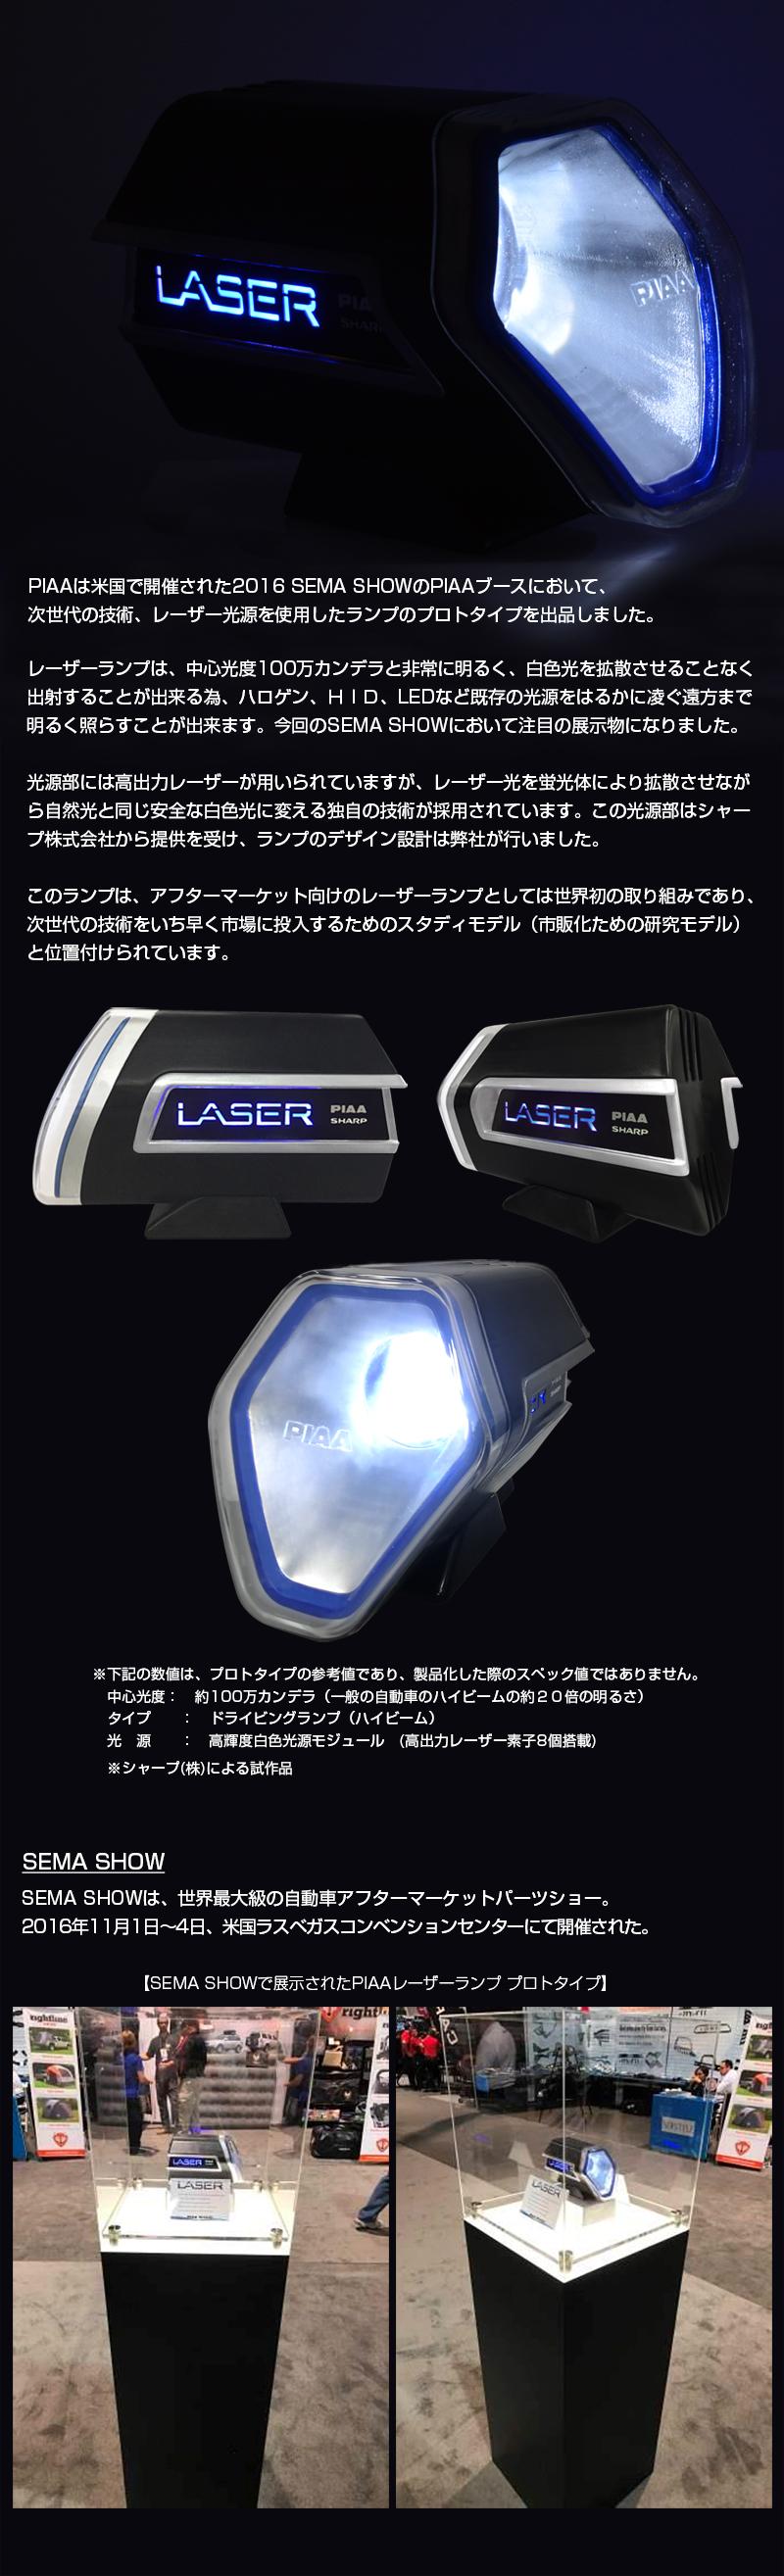 web_laser_2016-11-30_5